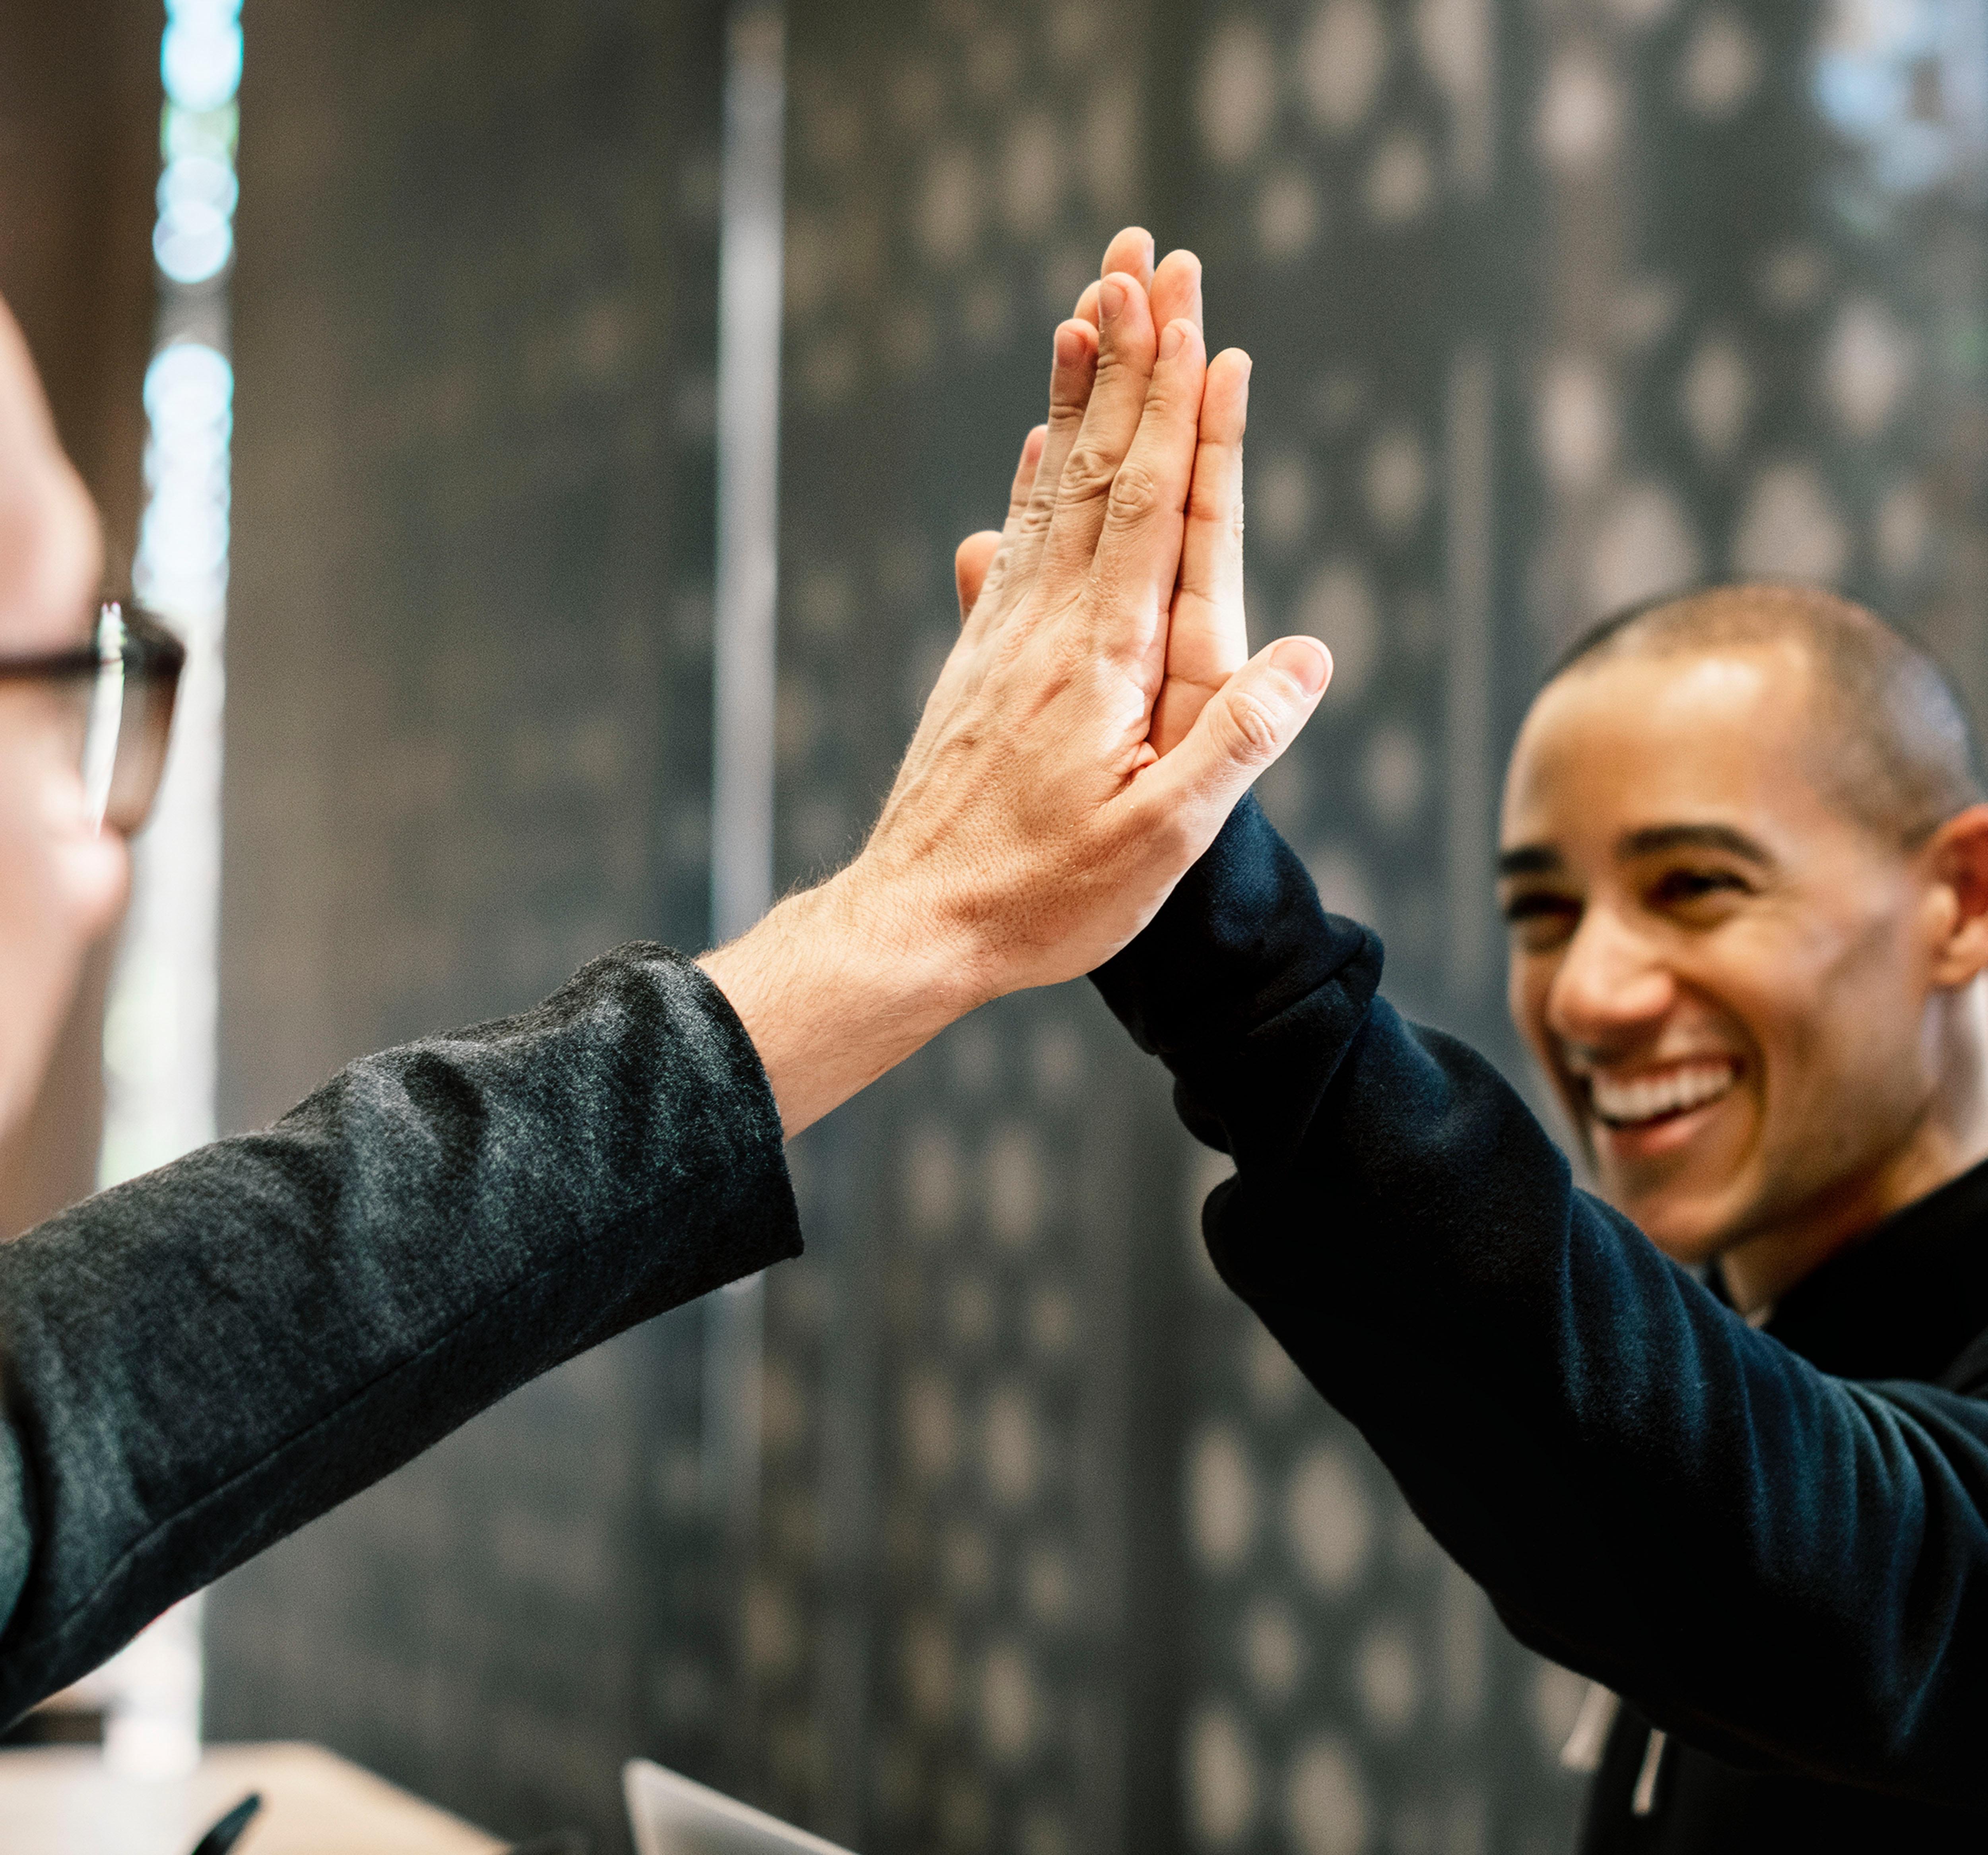 high five paulien vervoorn feedback geven ontvangen complimenten